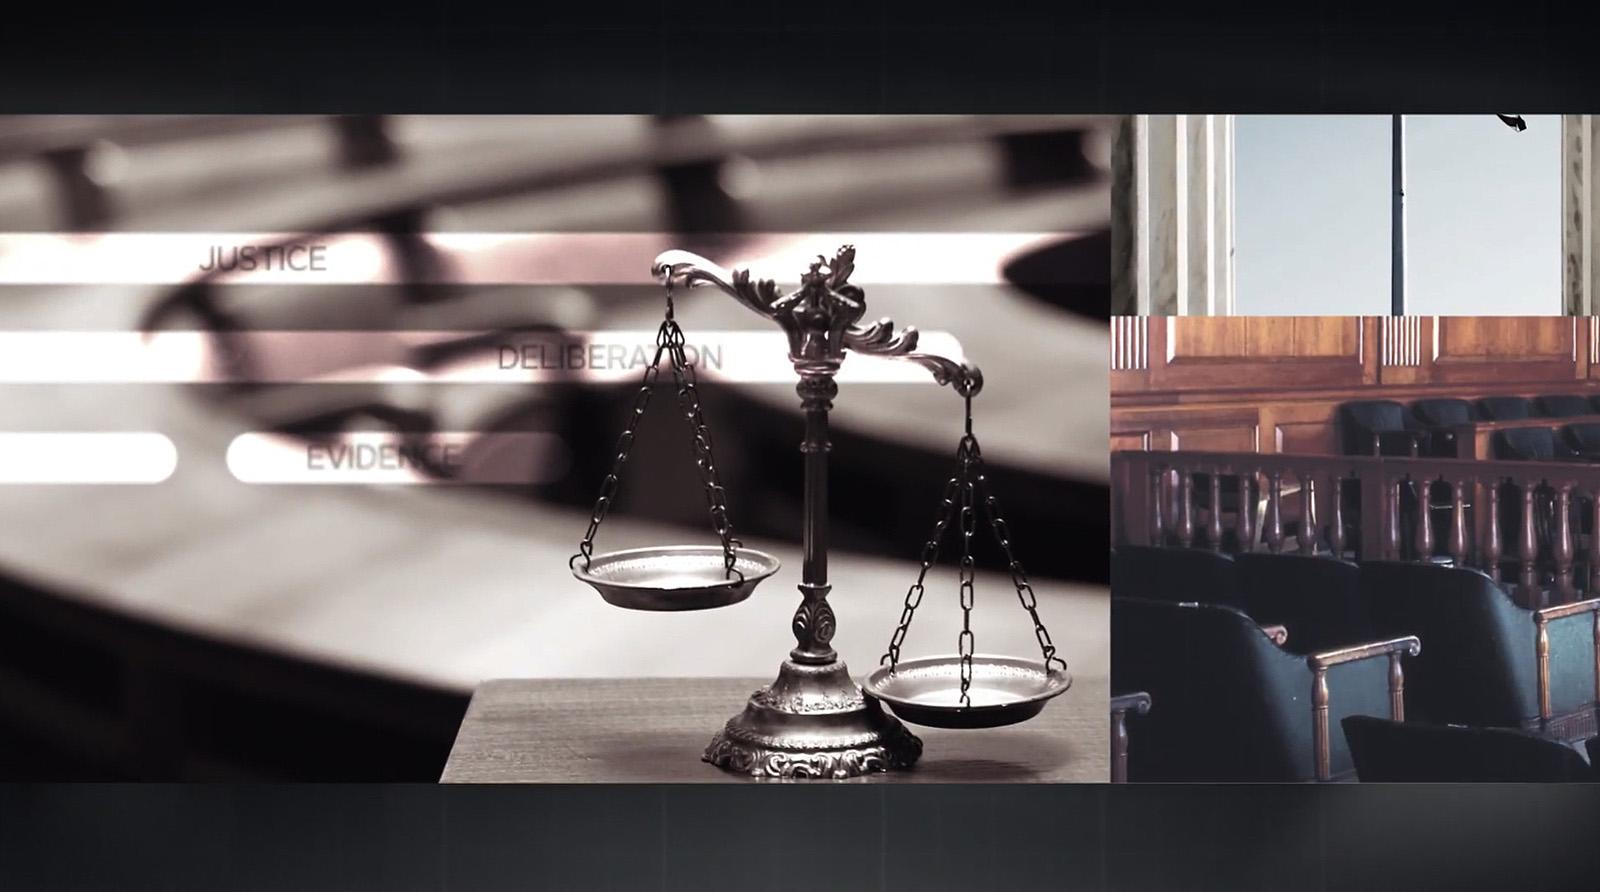 NCS_Court-TV-Branding-Motion-Design_017